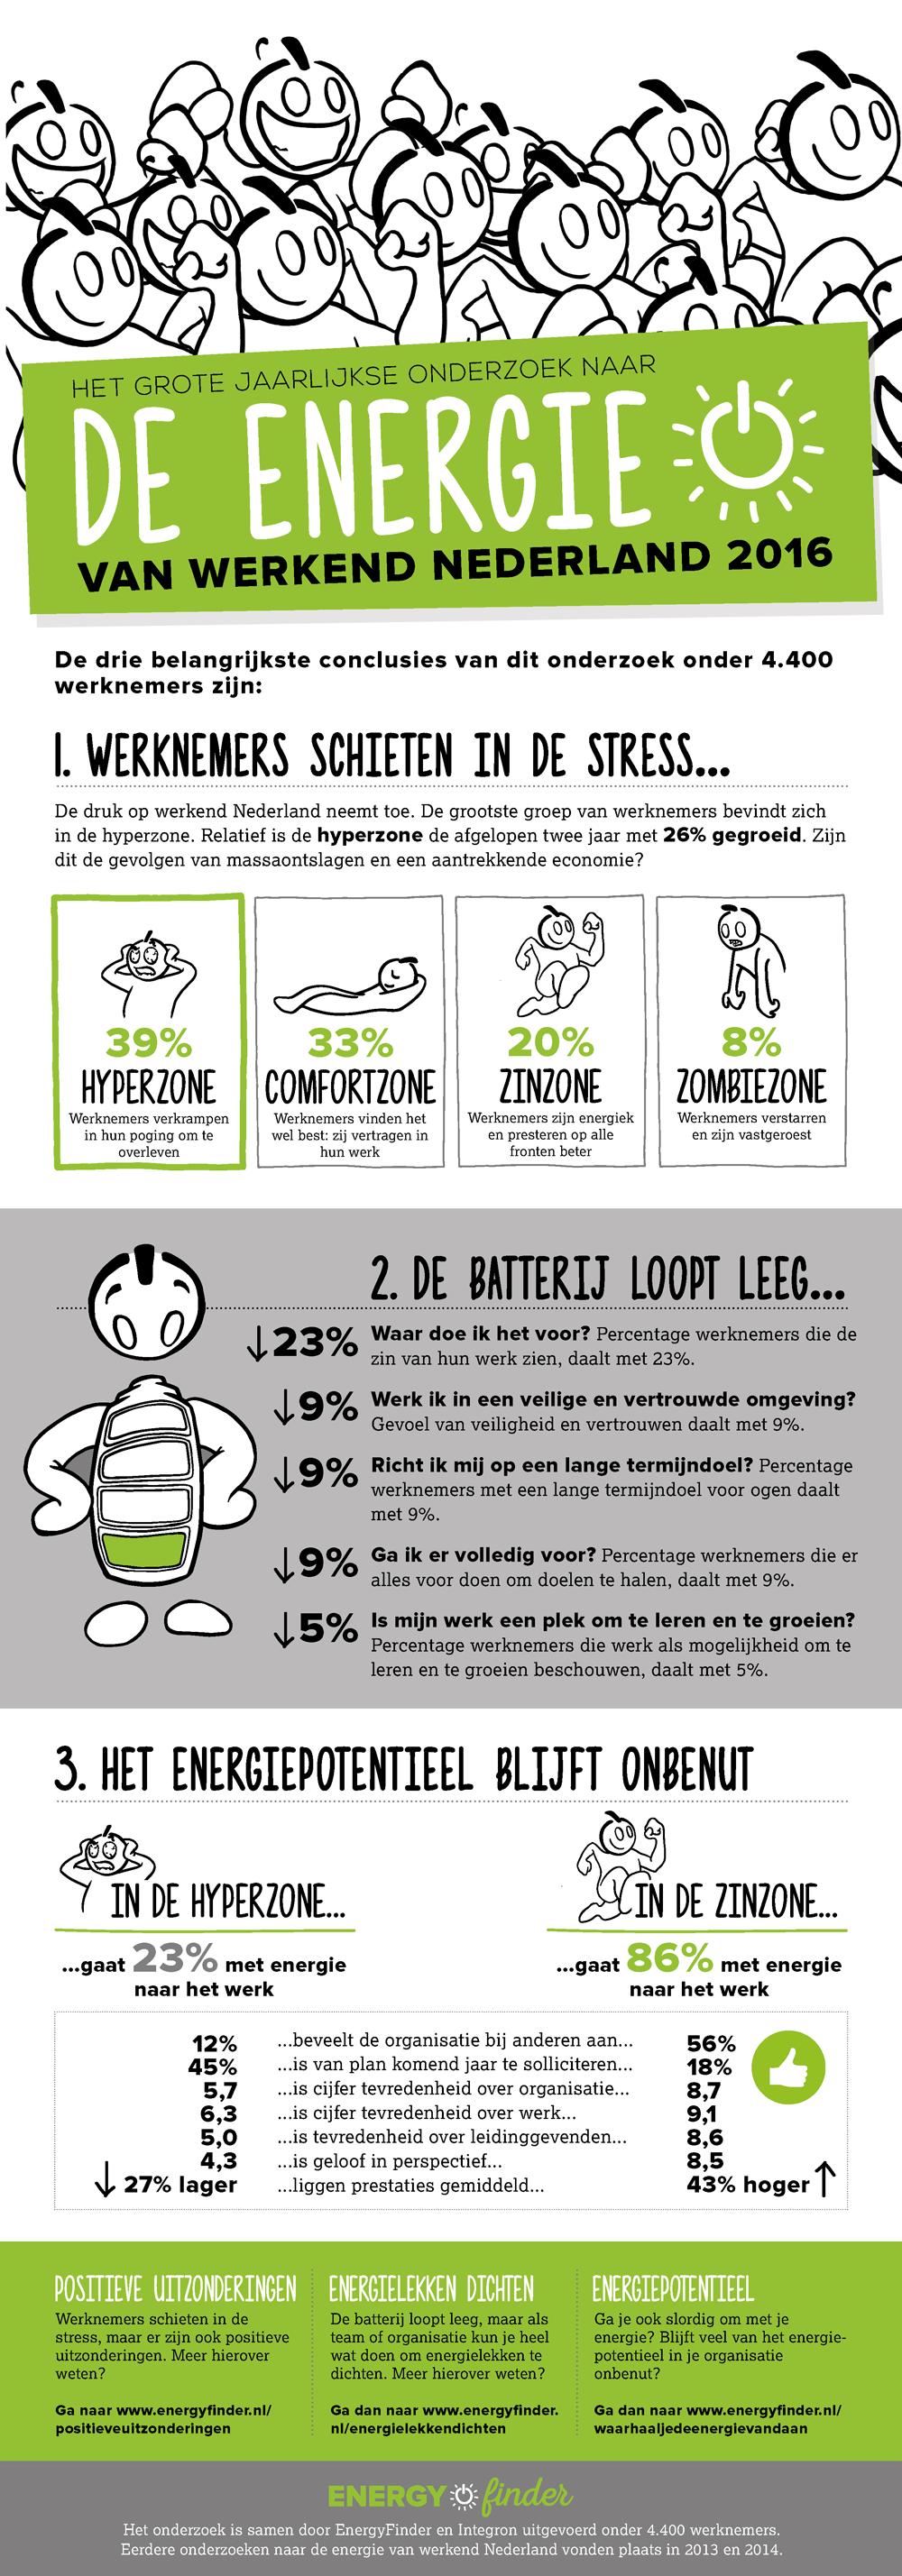 Infographic De energie van weekend Nederland